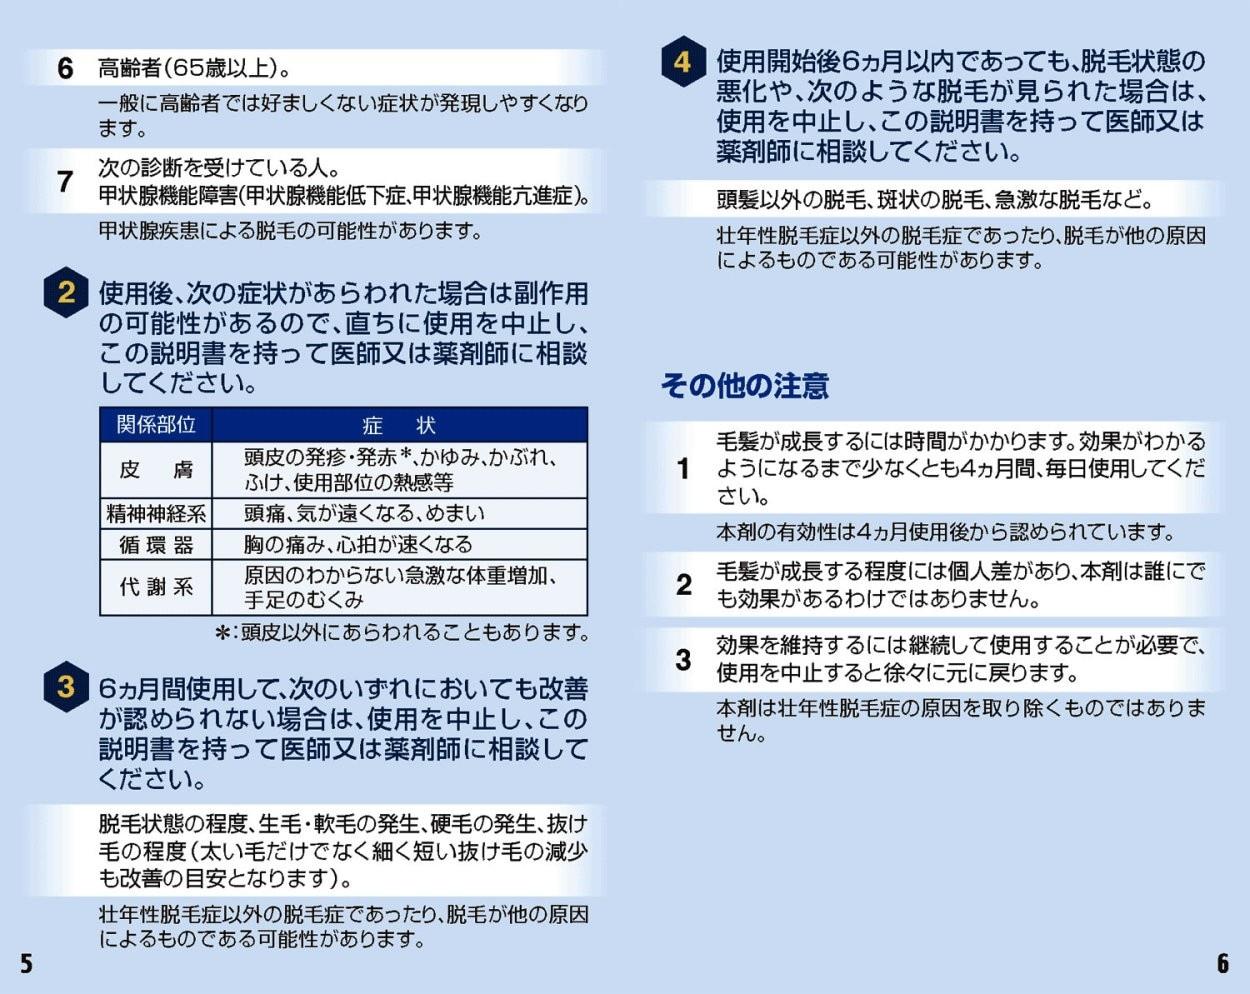 商品添付文書4